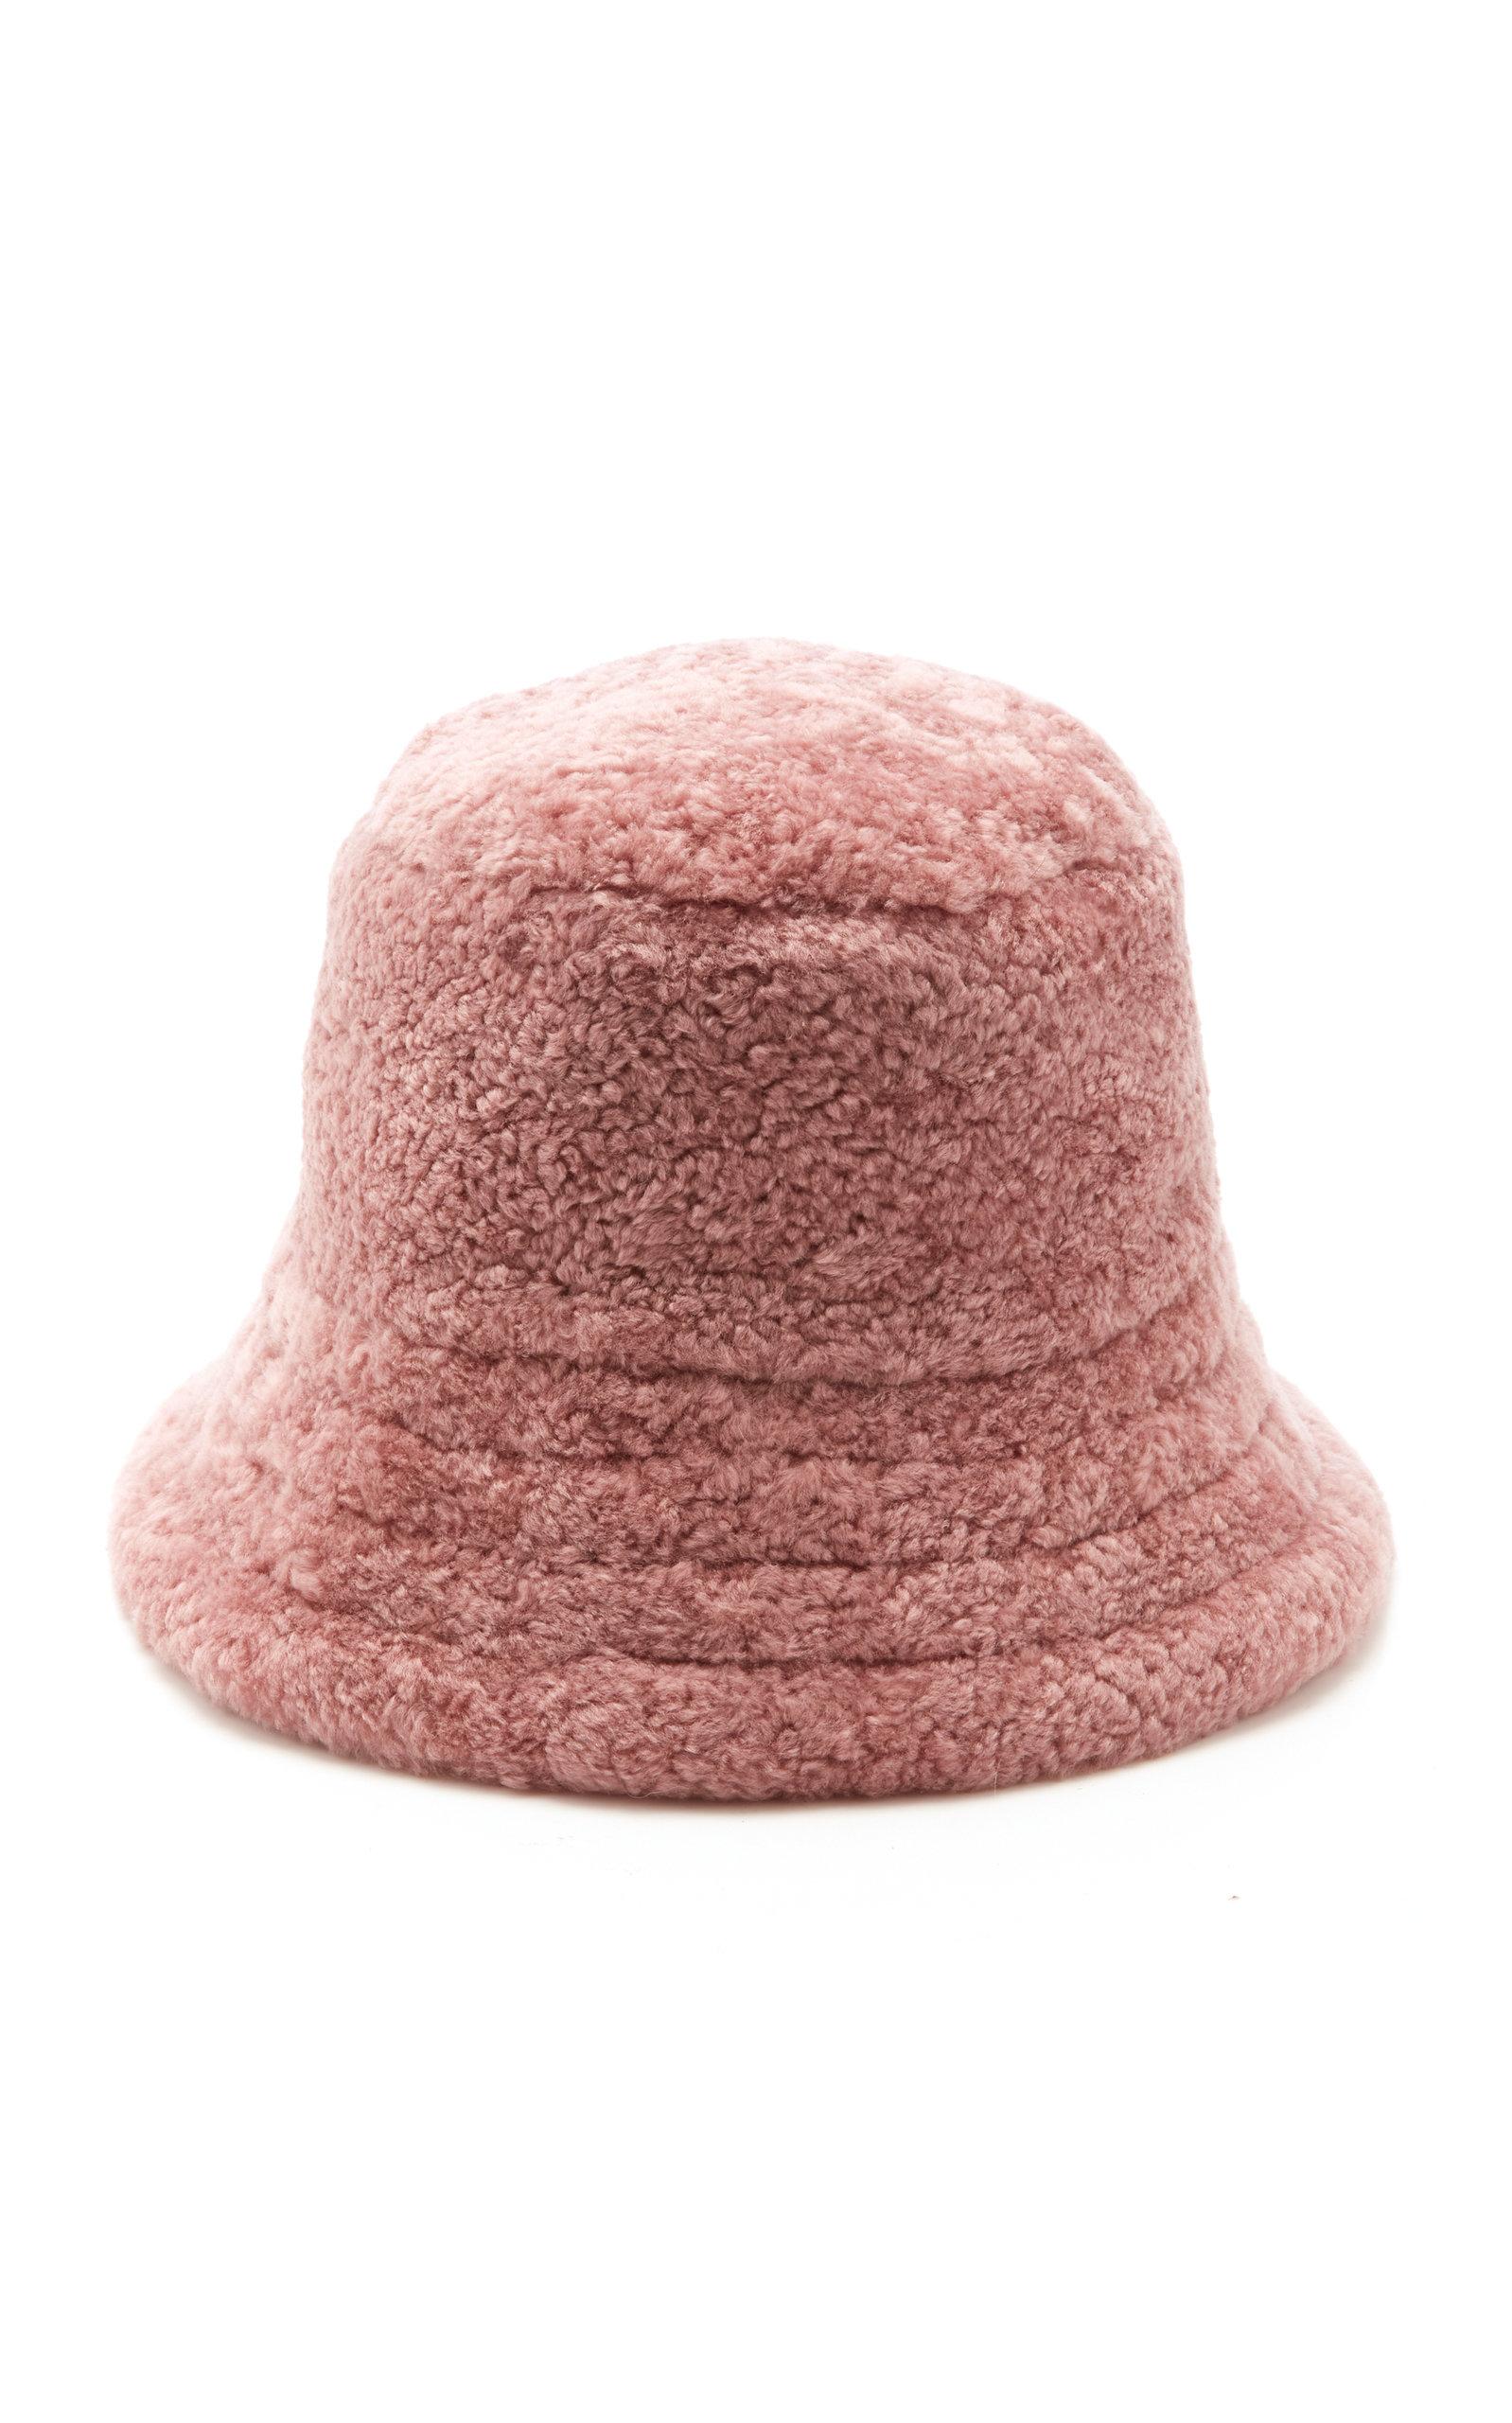 J Mendel Shearling Bucket Hat In Purple  410a01857e0